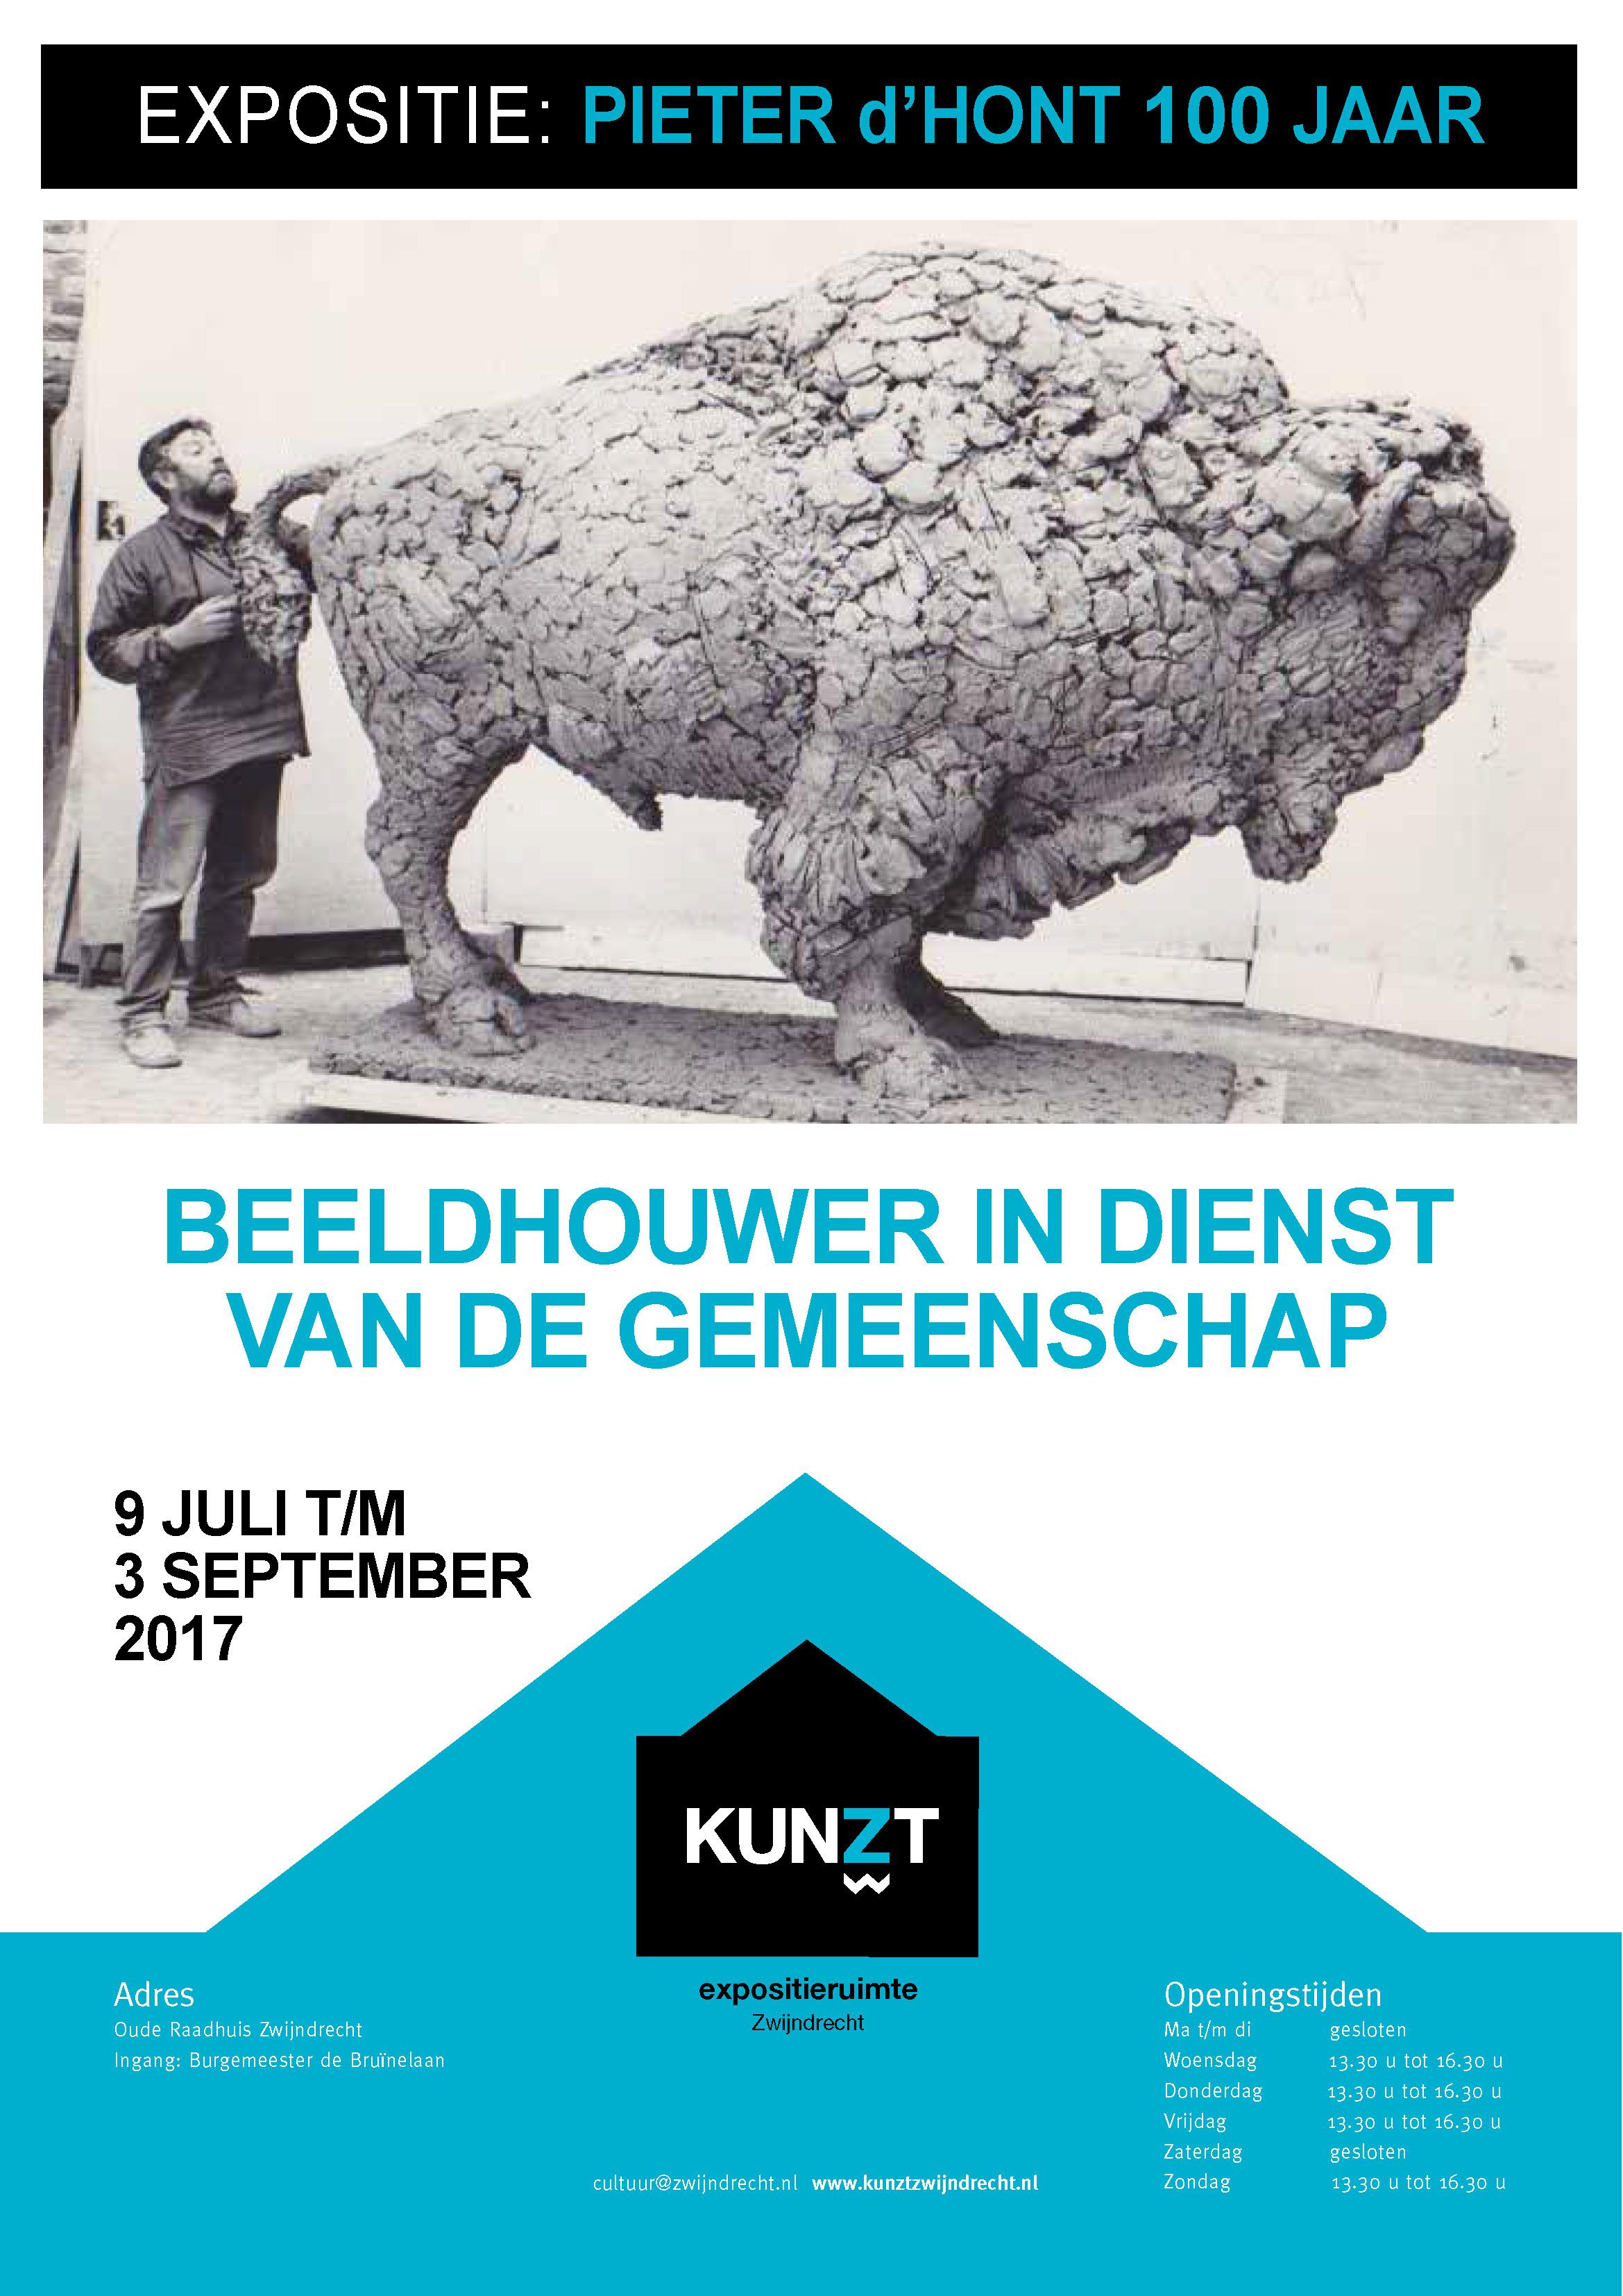 6798 - ZWI_ Expositie poster Pietr d'HONT